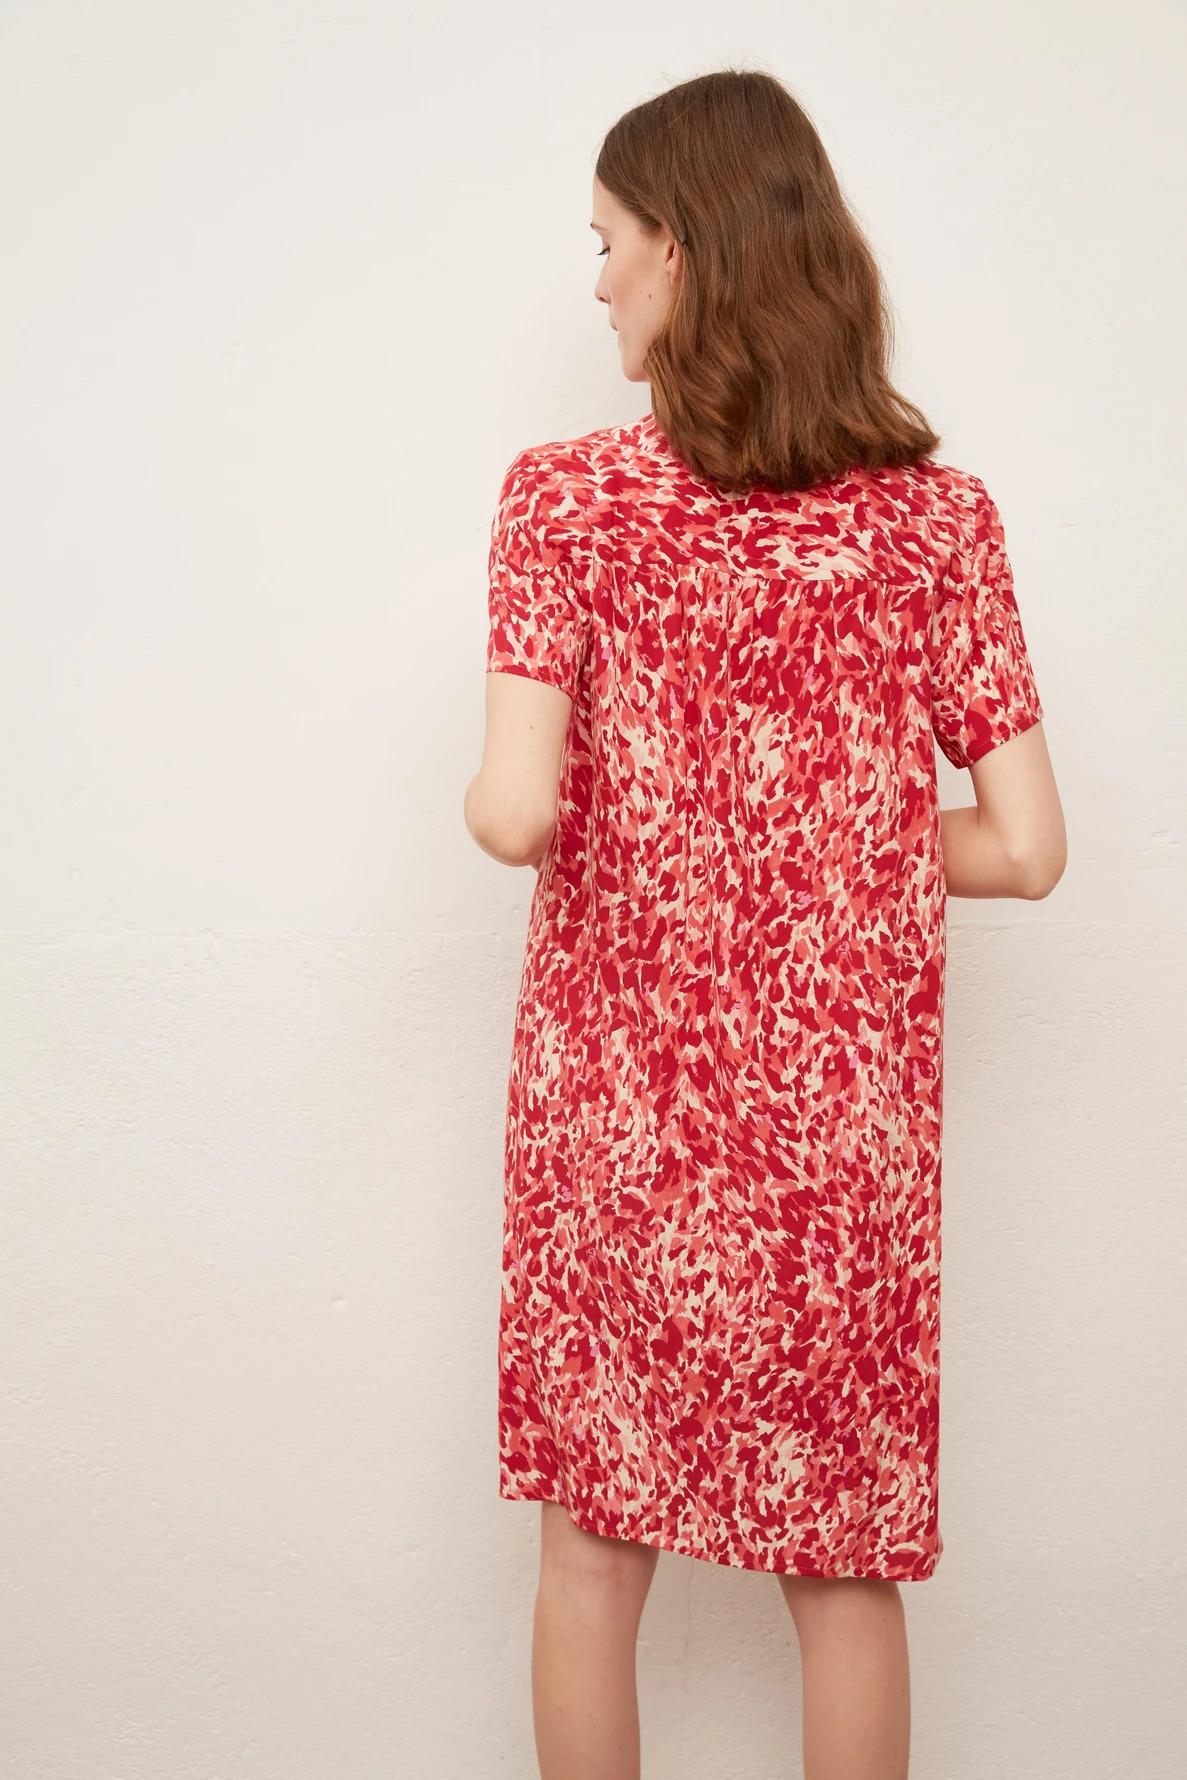 SIBILLA - Короткое шелковое платье с принтом